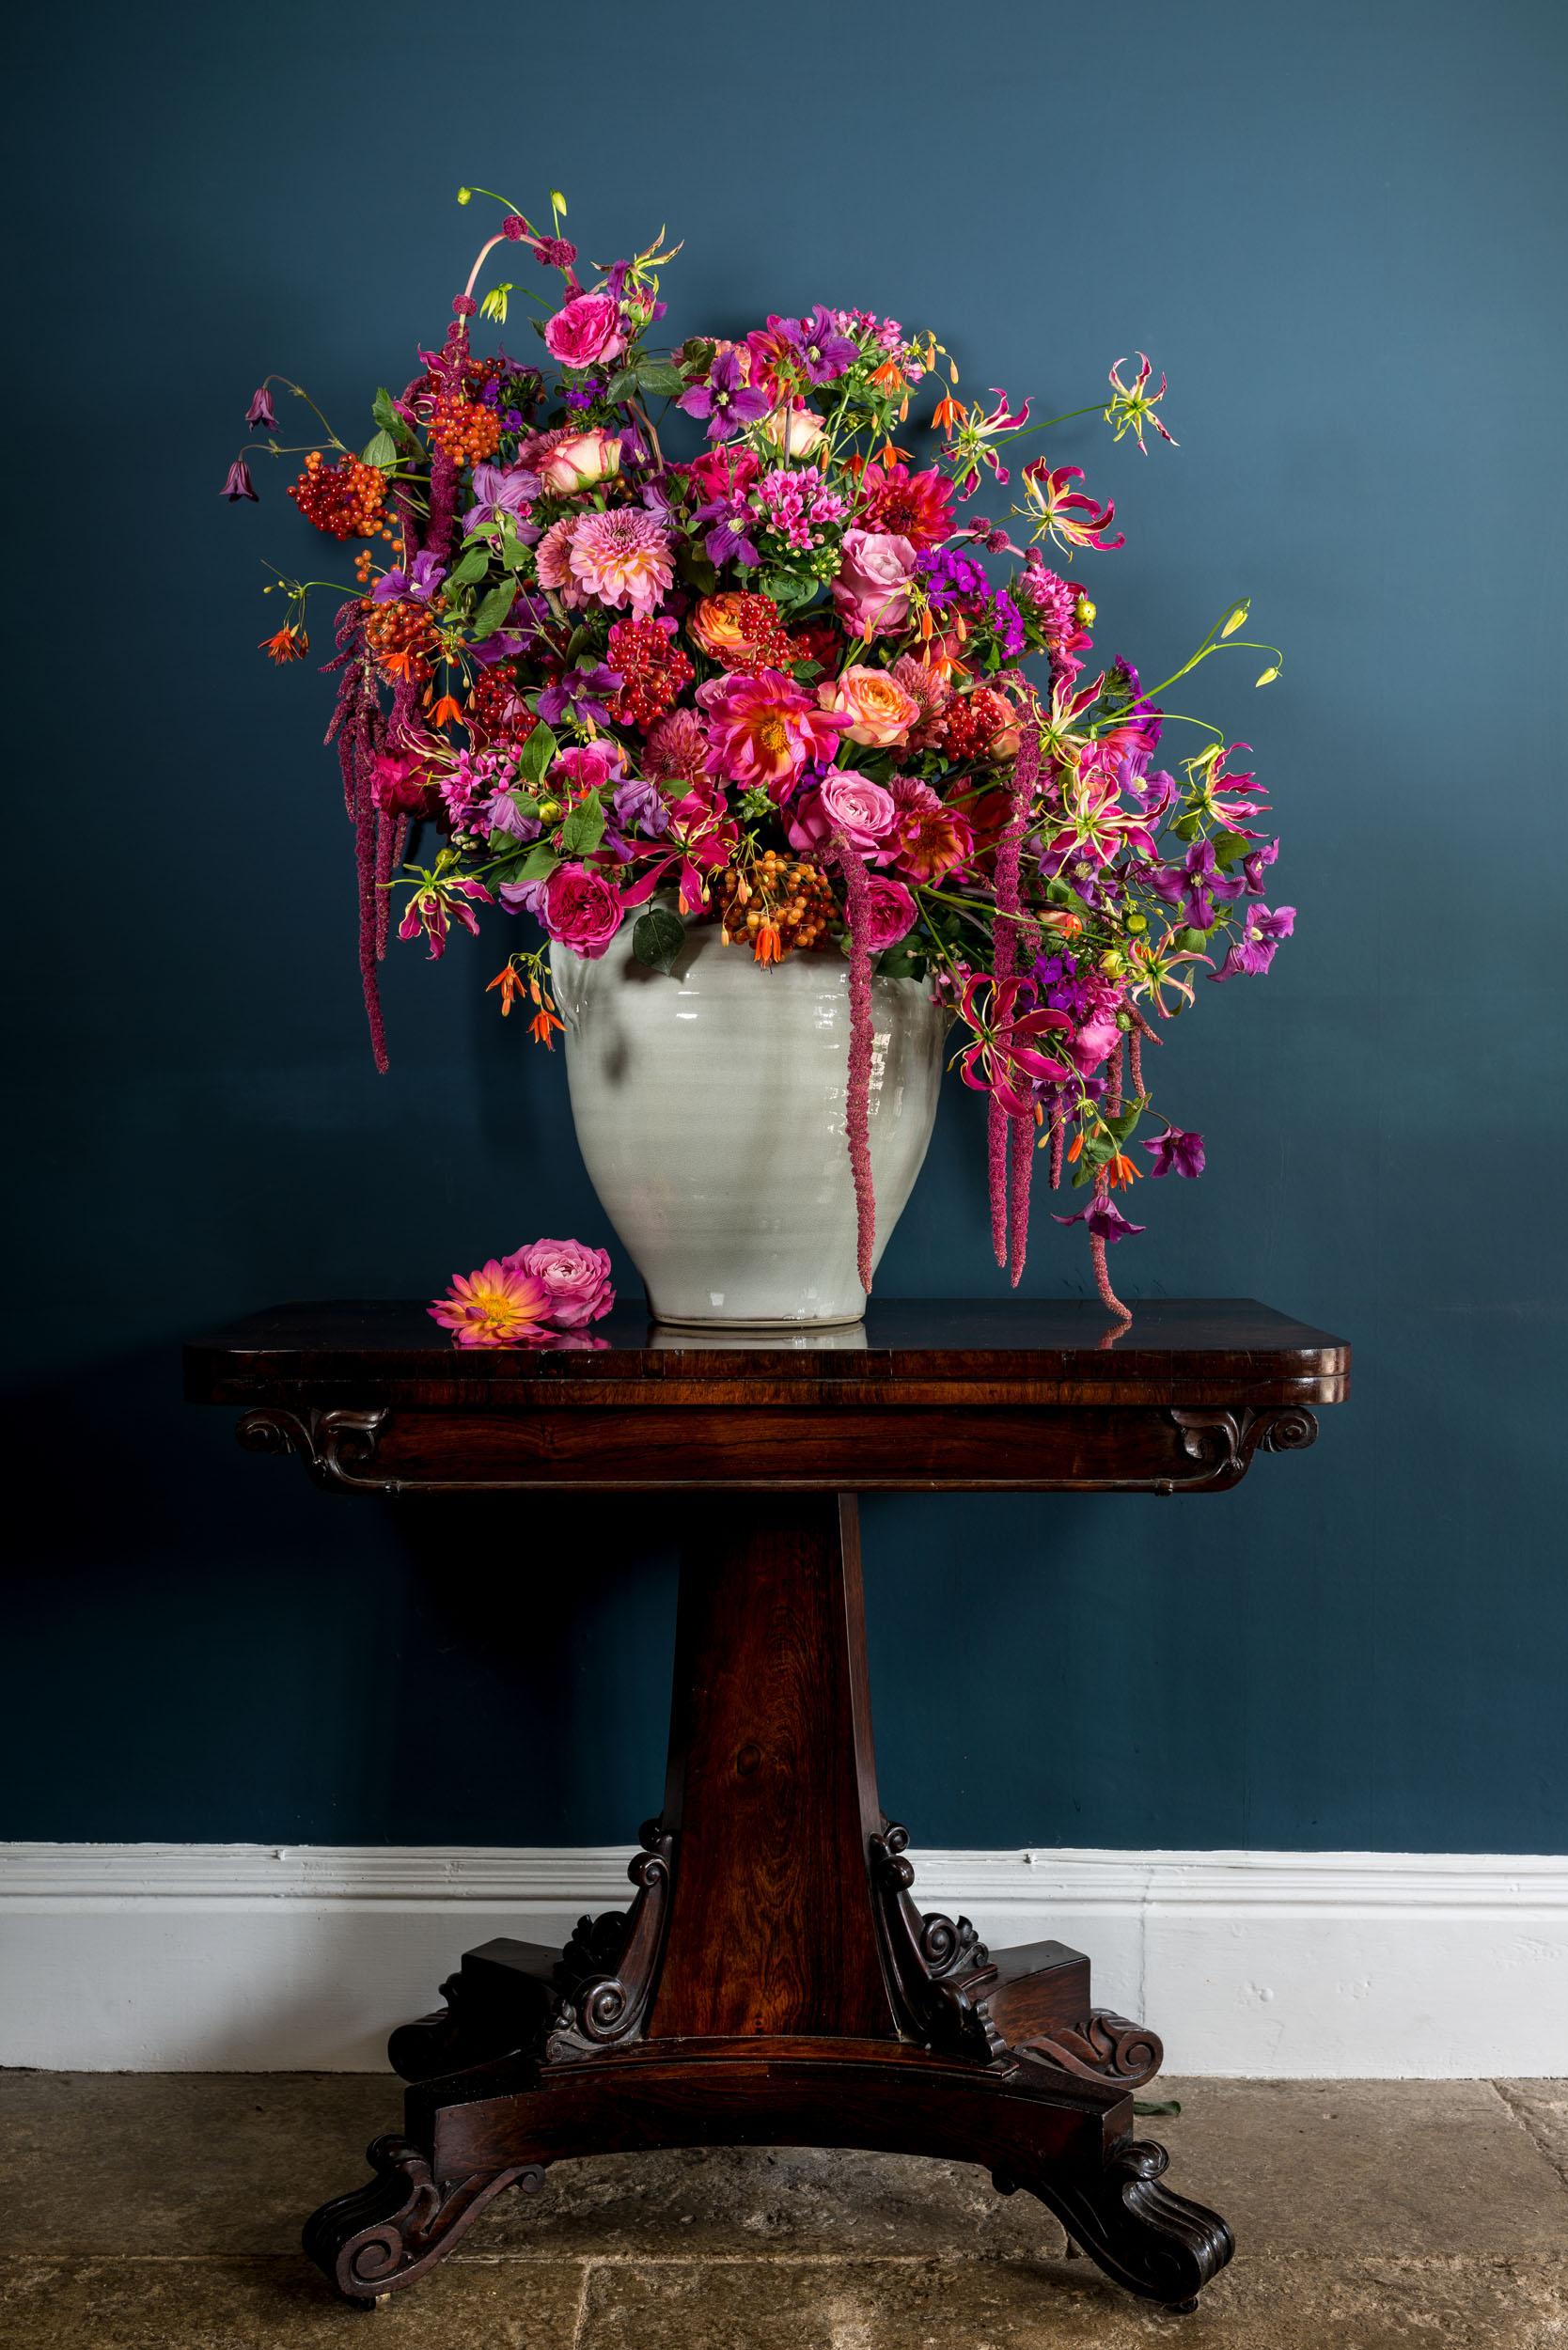 DSC_1406_Flowers_Vase.jpg